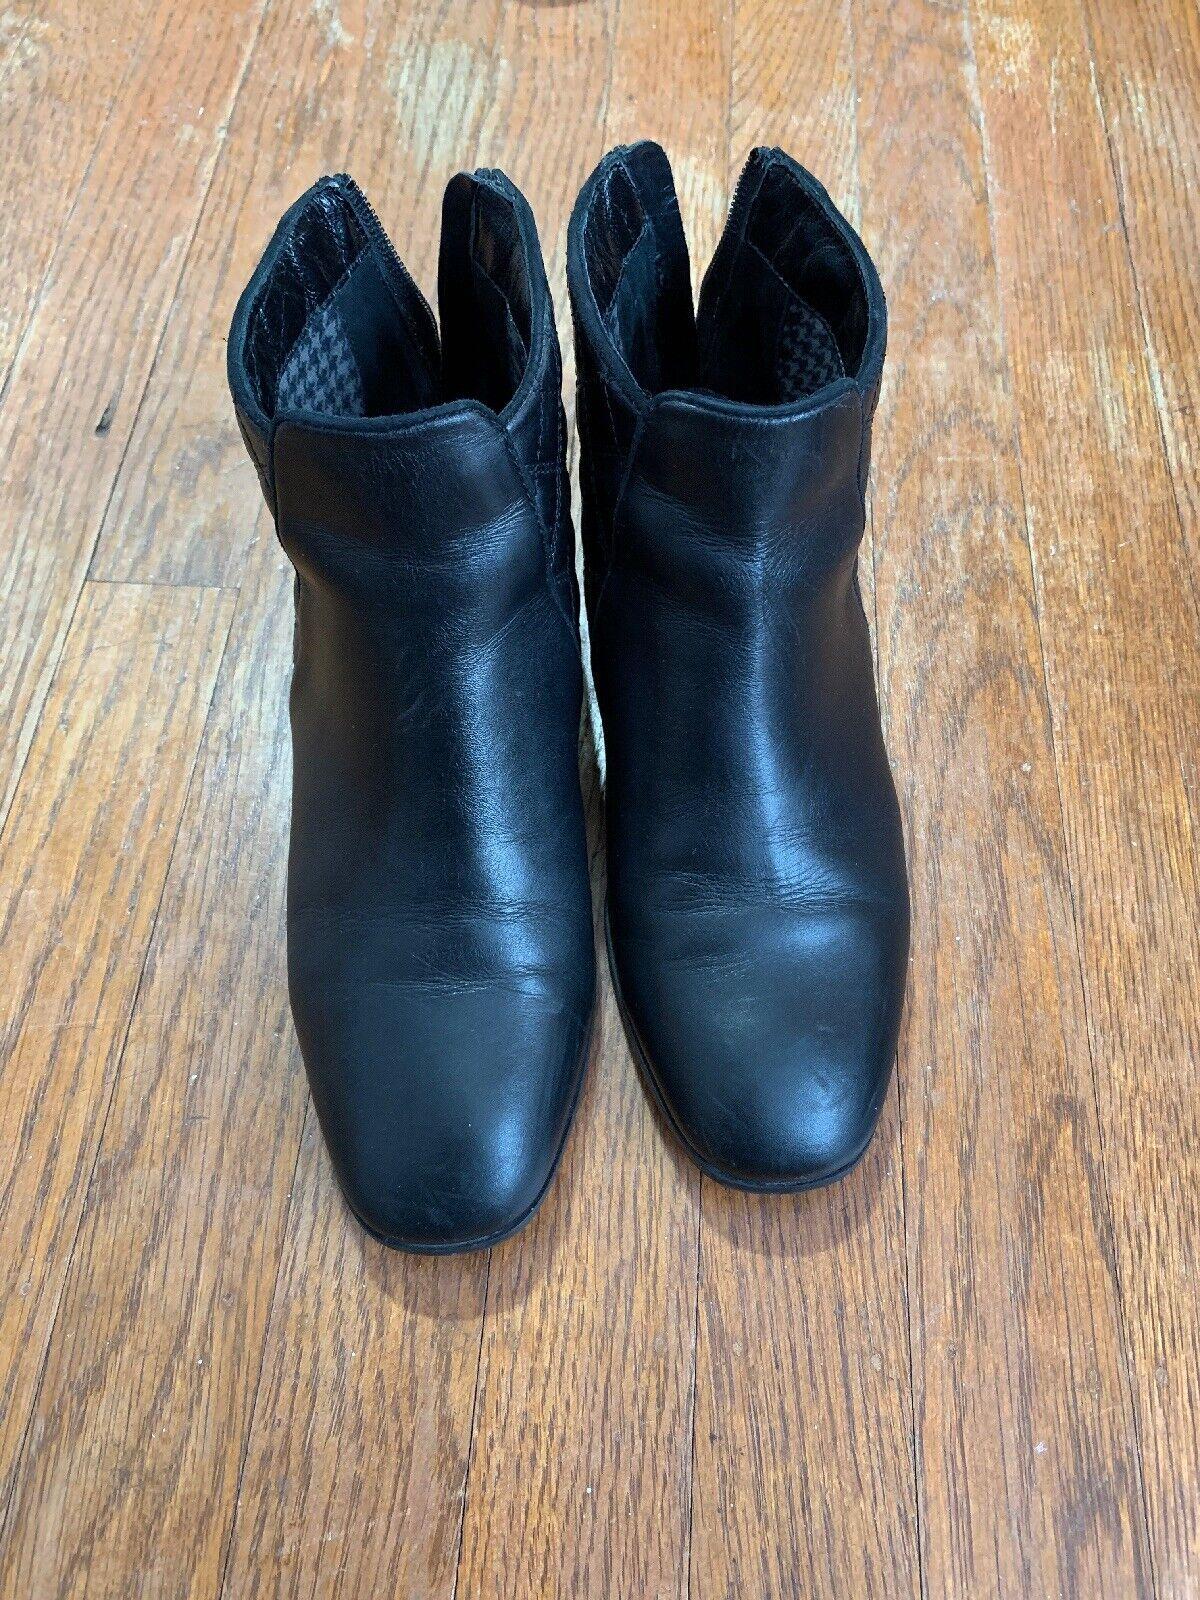 Aquatalia Leather bootie Excellent Condition  Size 5.5